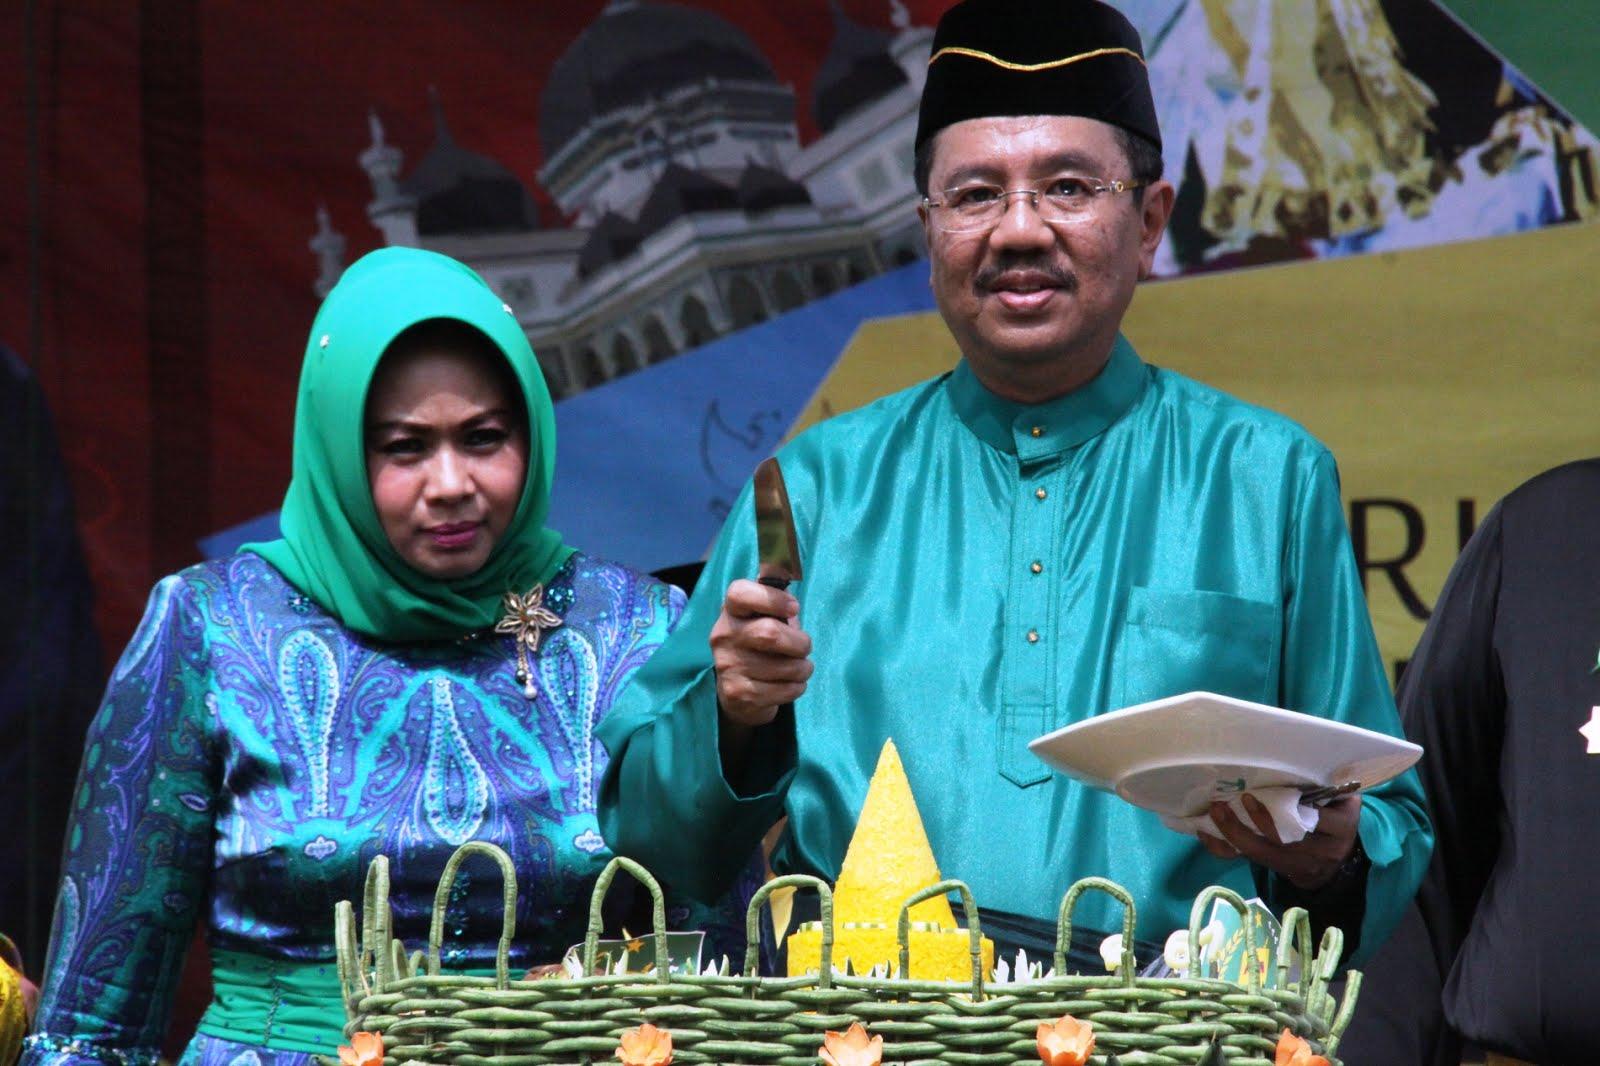 Hari Jadi Langkat 267, Gubsu Apresiasi Bupati Langkat Tetap Lestarikan Adat Budaya